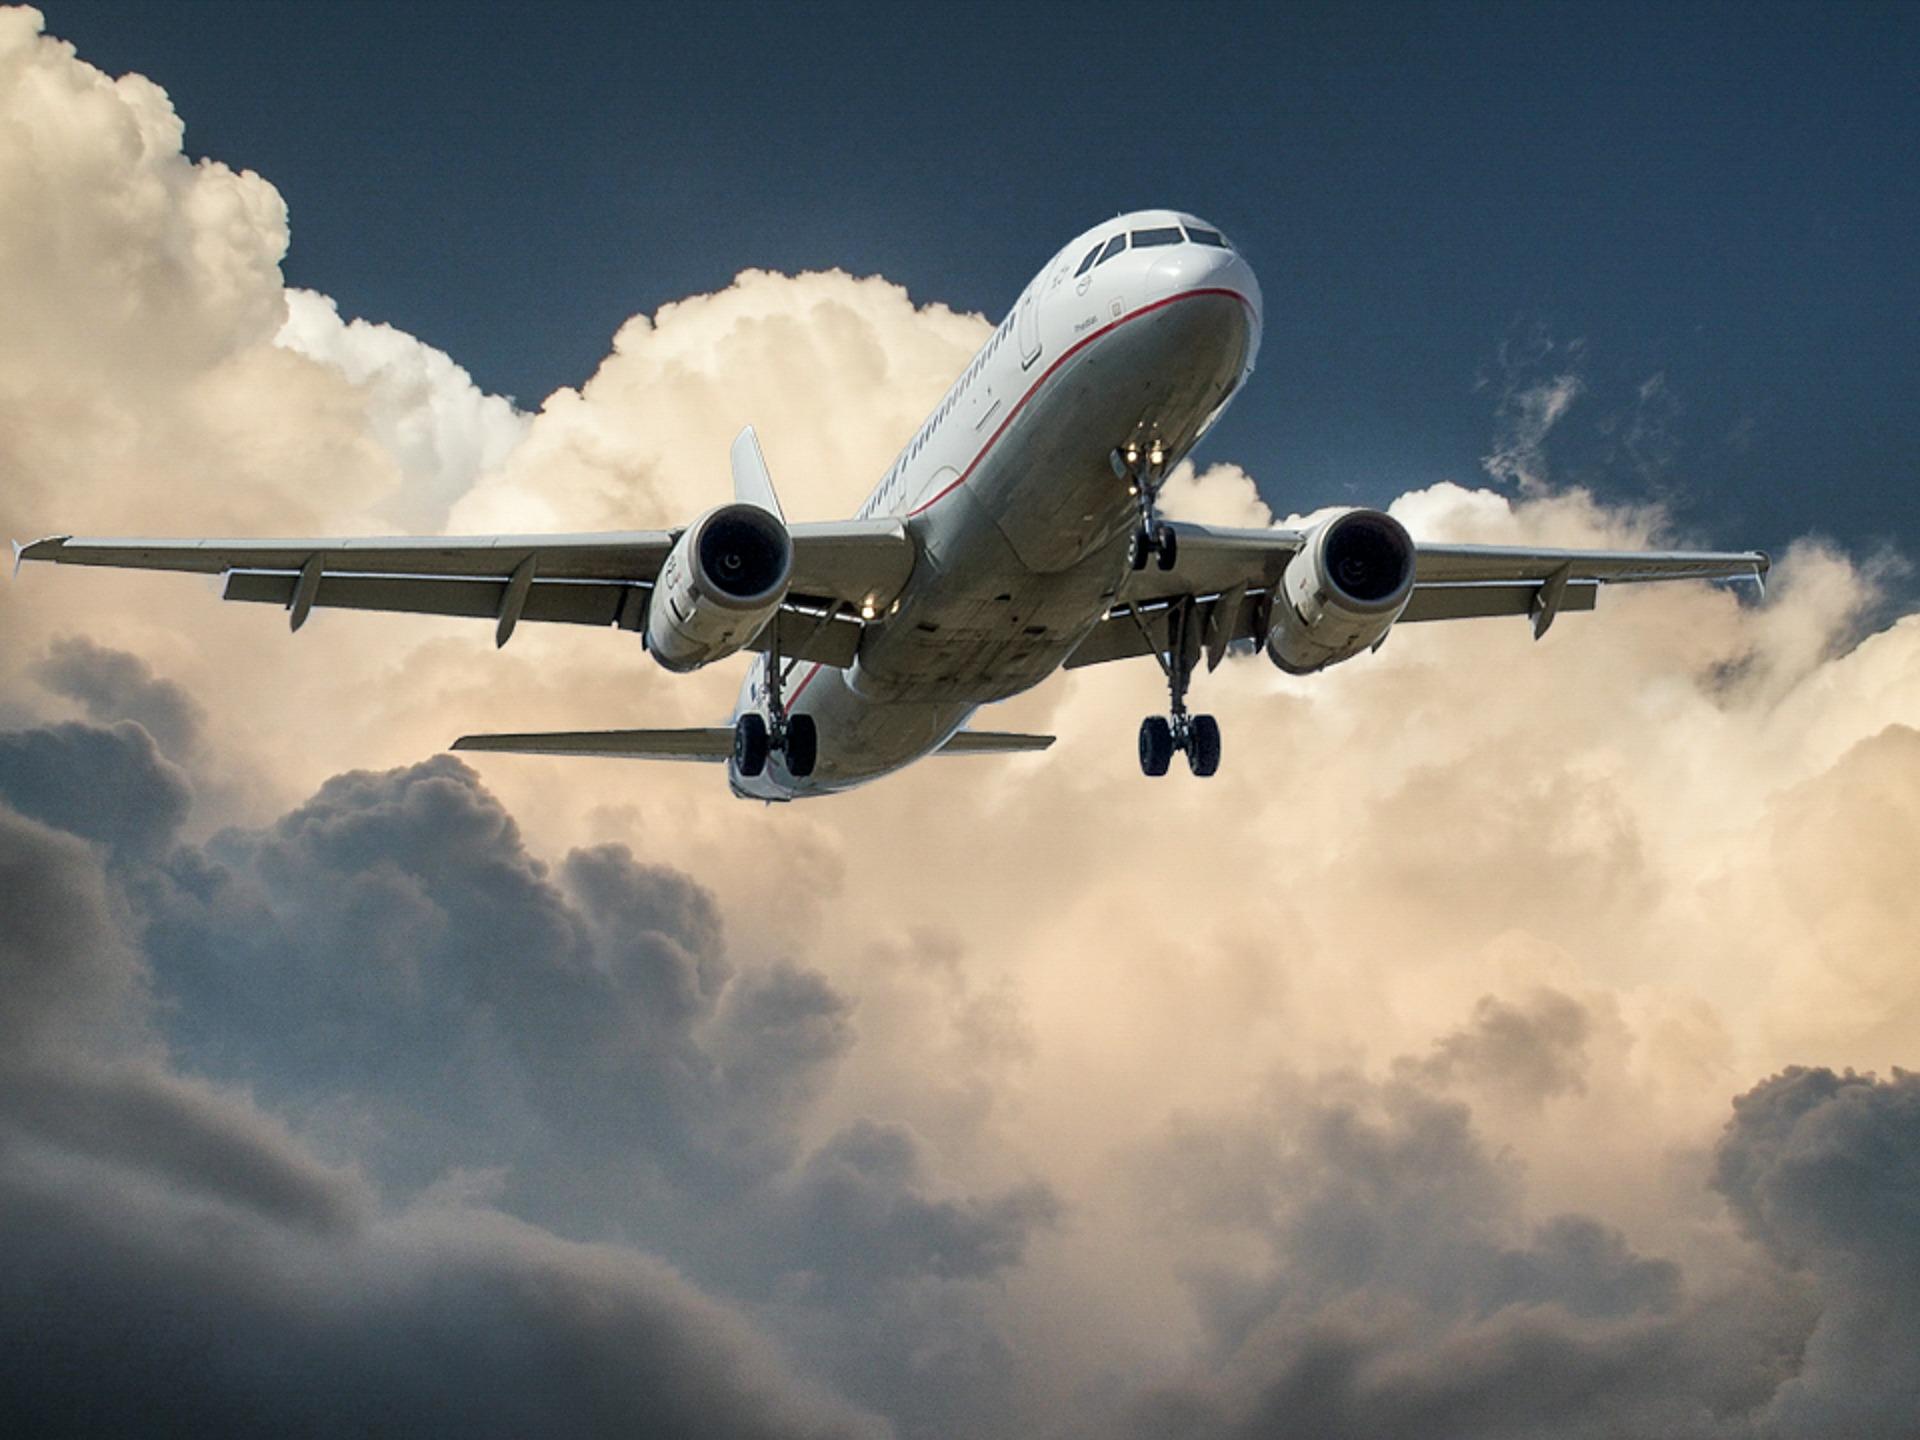 хороший сайт с фотографиями самолетов пальто осень